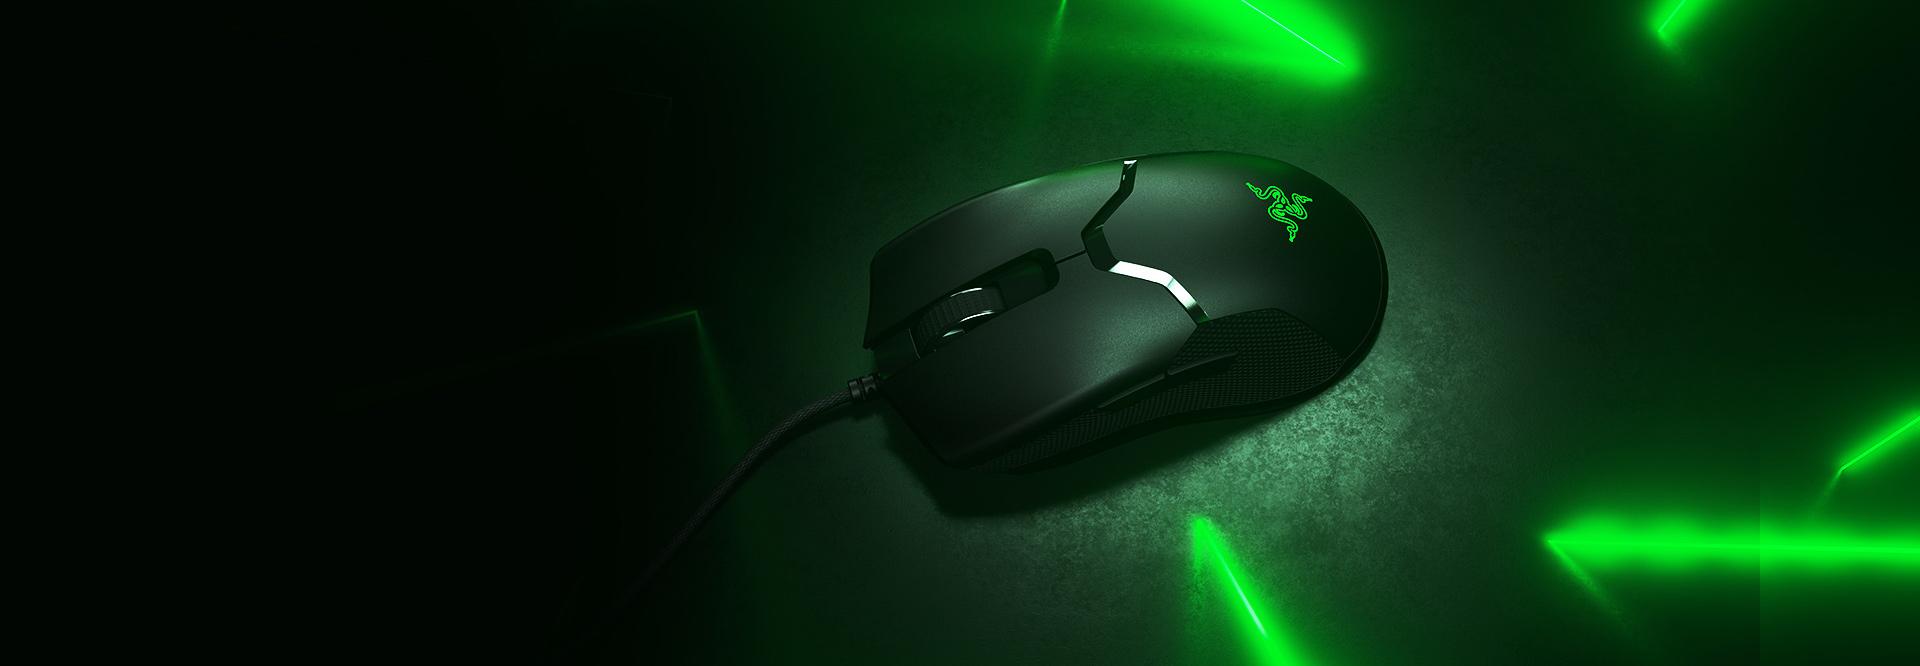 Chuột chơi game Razer Viper Gaming sử dụng mắt đọc 5G cho độ chính xác cực cao